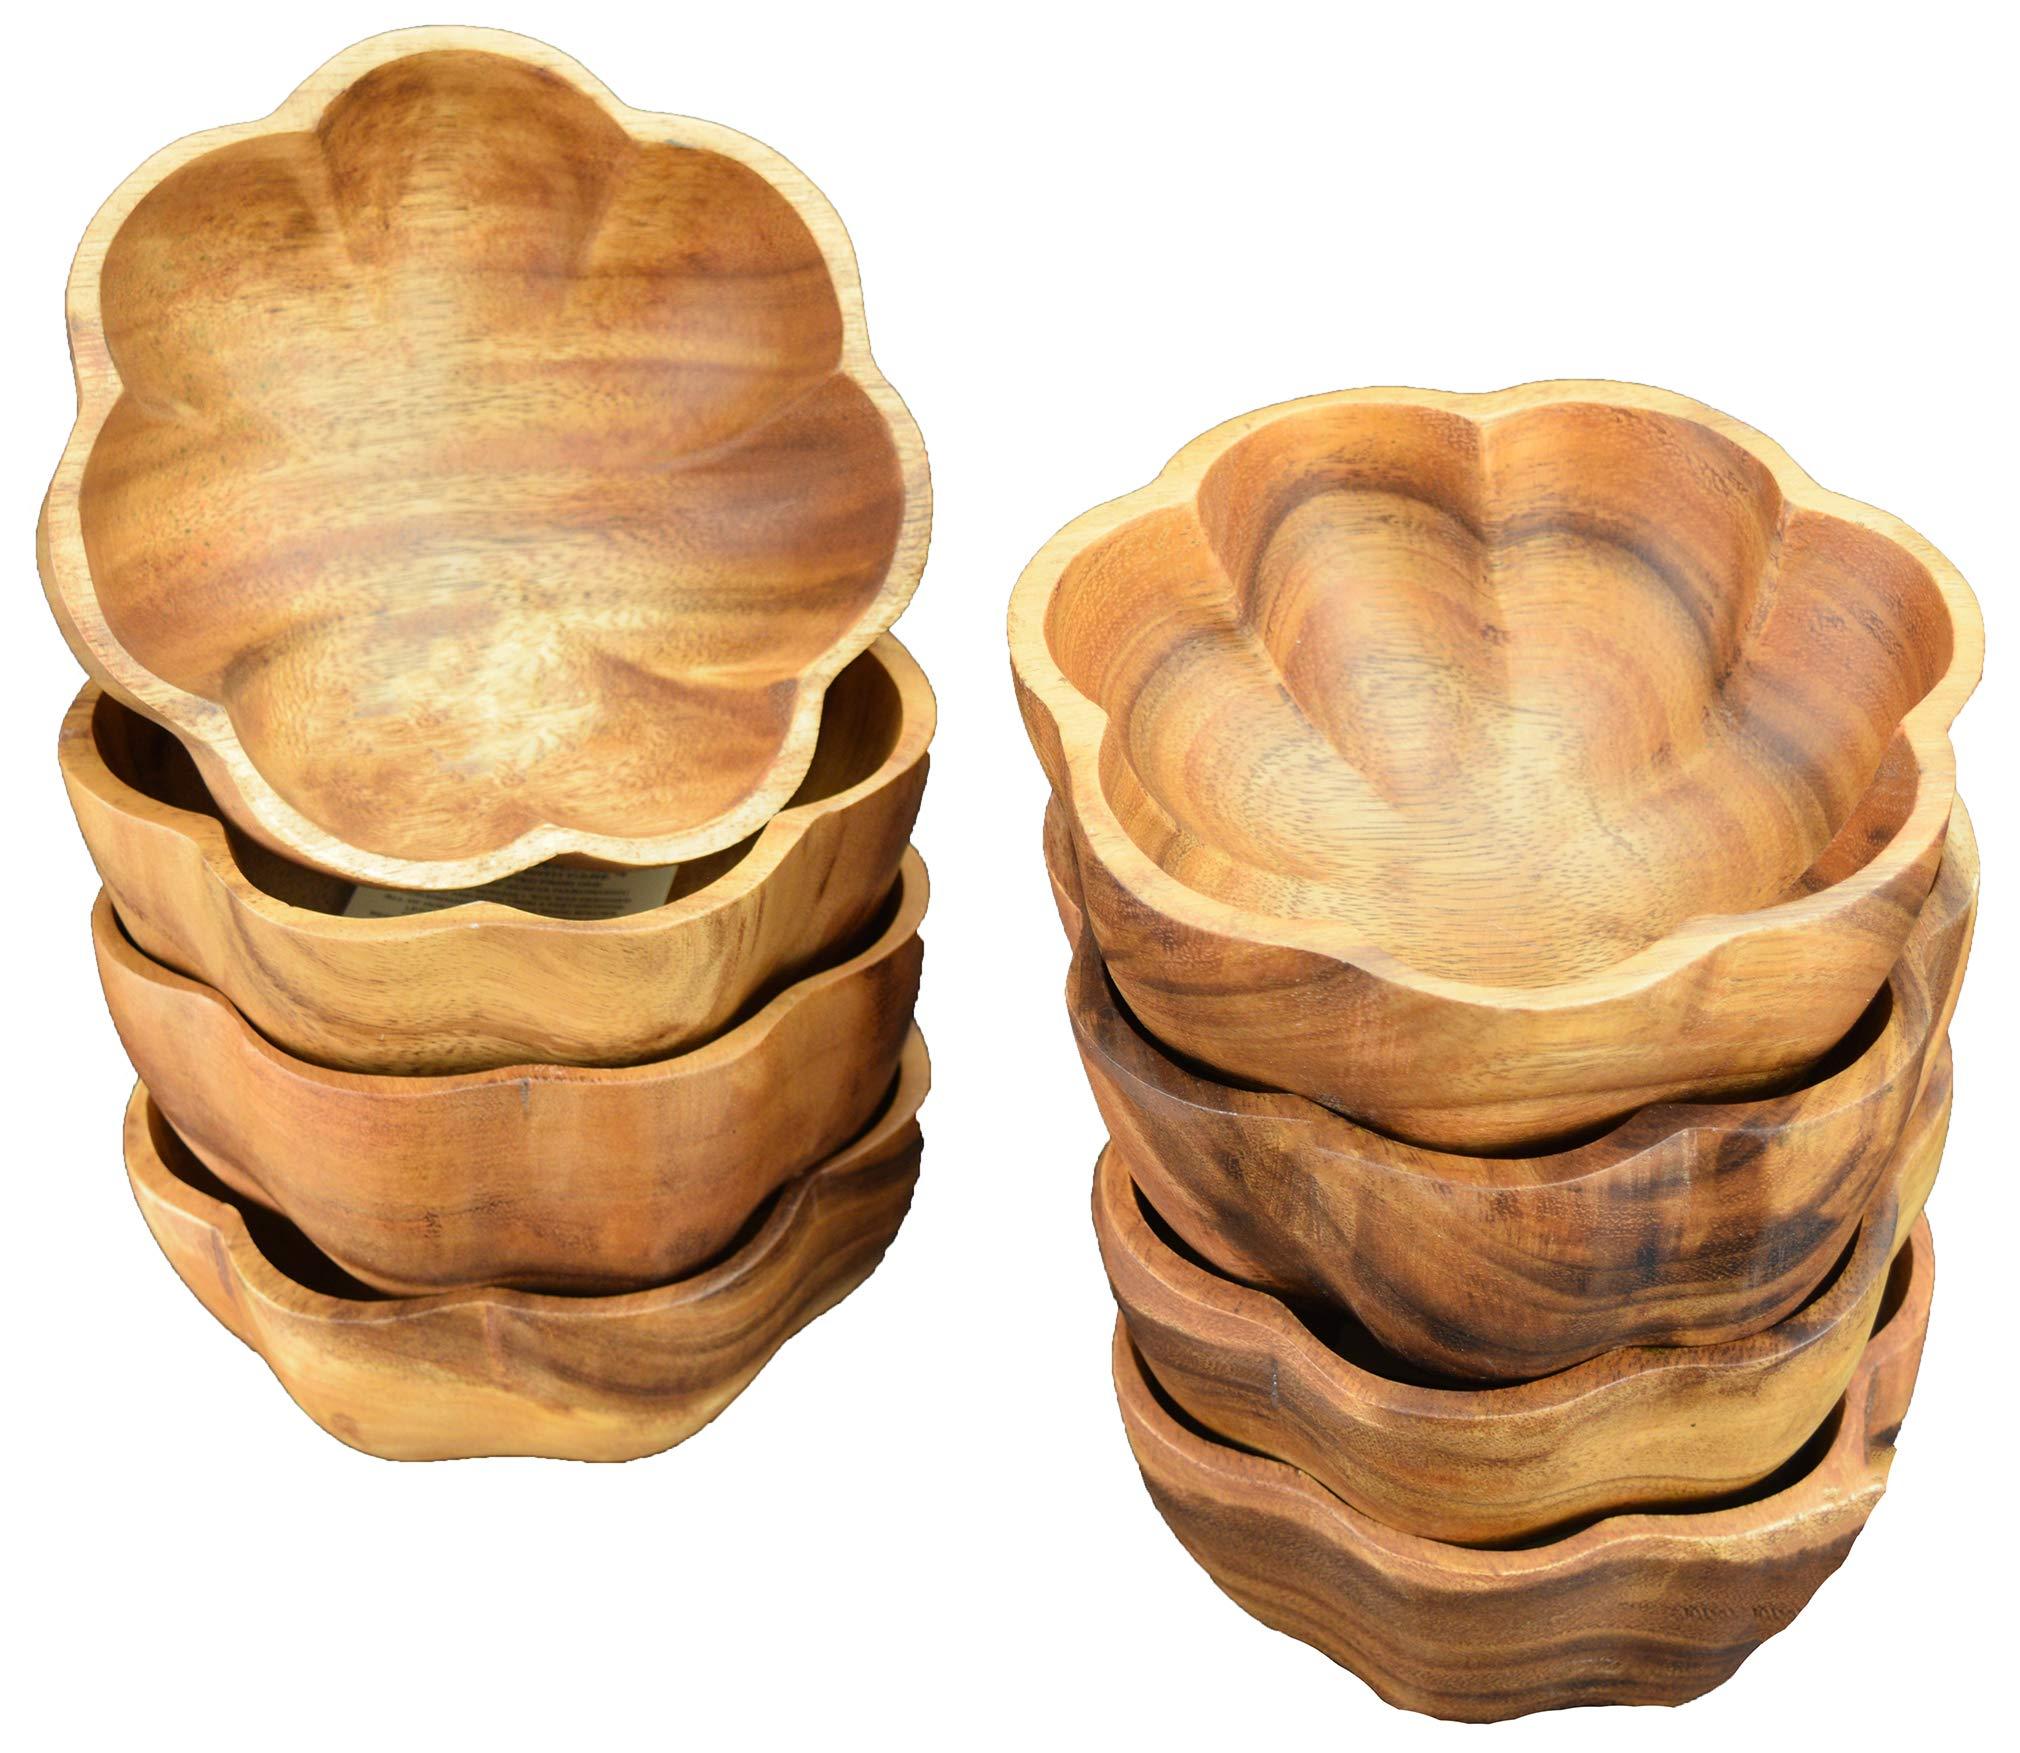 Acaciaware Acacia Wood Wavy/Flared Salad Bowls, Dipping and Nut Bowls, 6-inch D by 3-inch, Set of 8